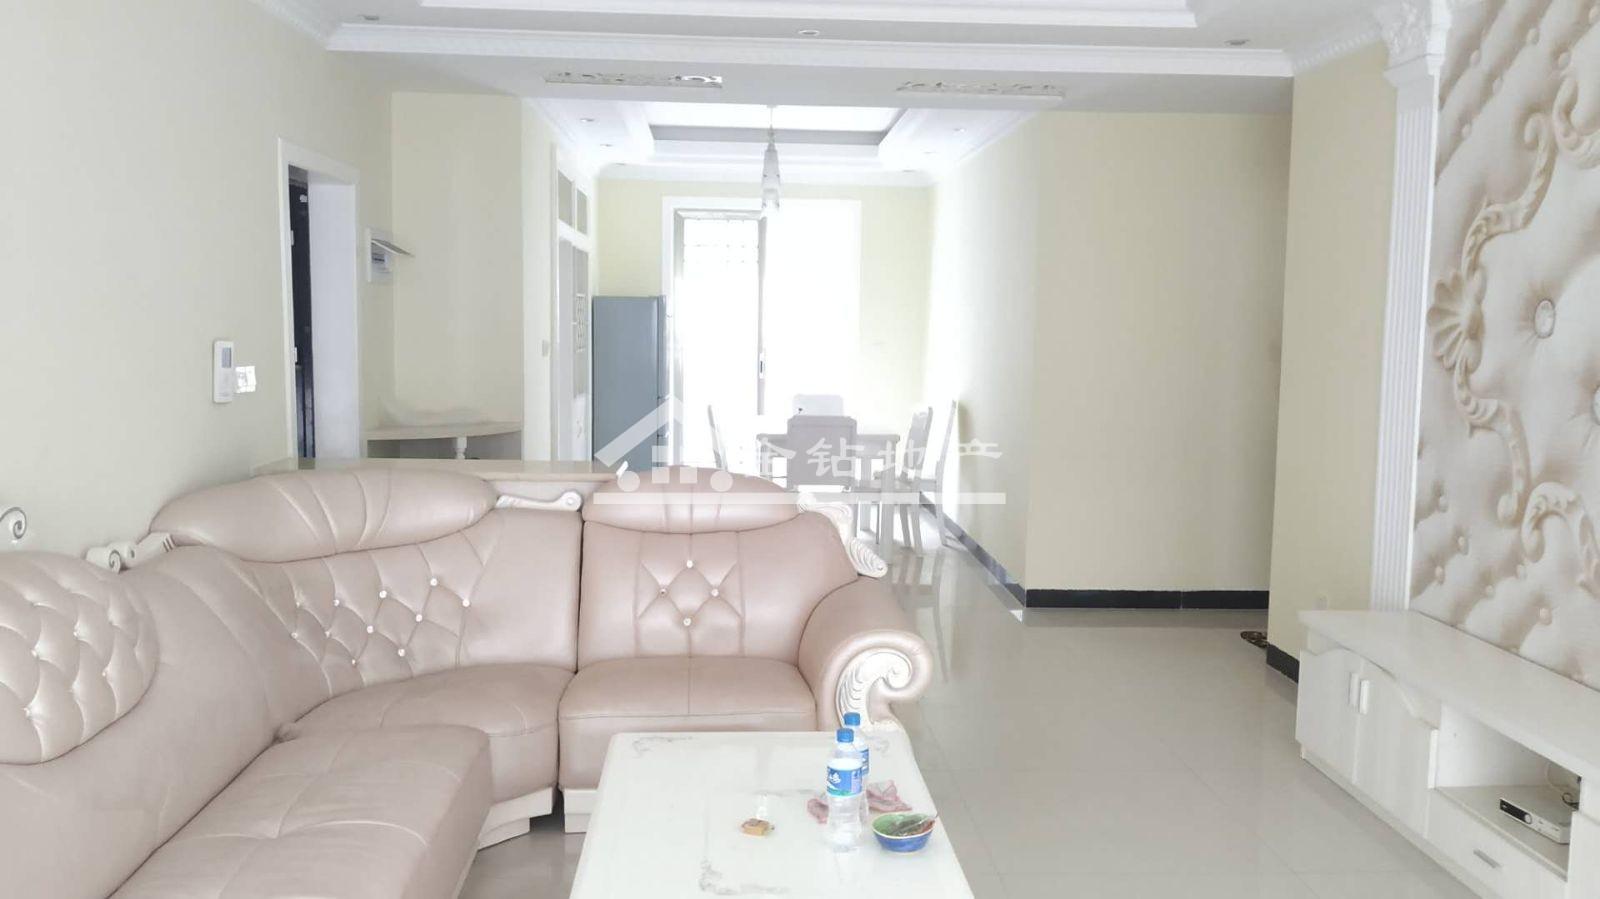 锦绣嘉园101万3室2厅2卫精装修前后双阳台